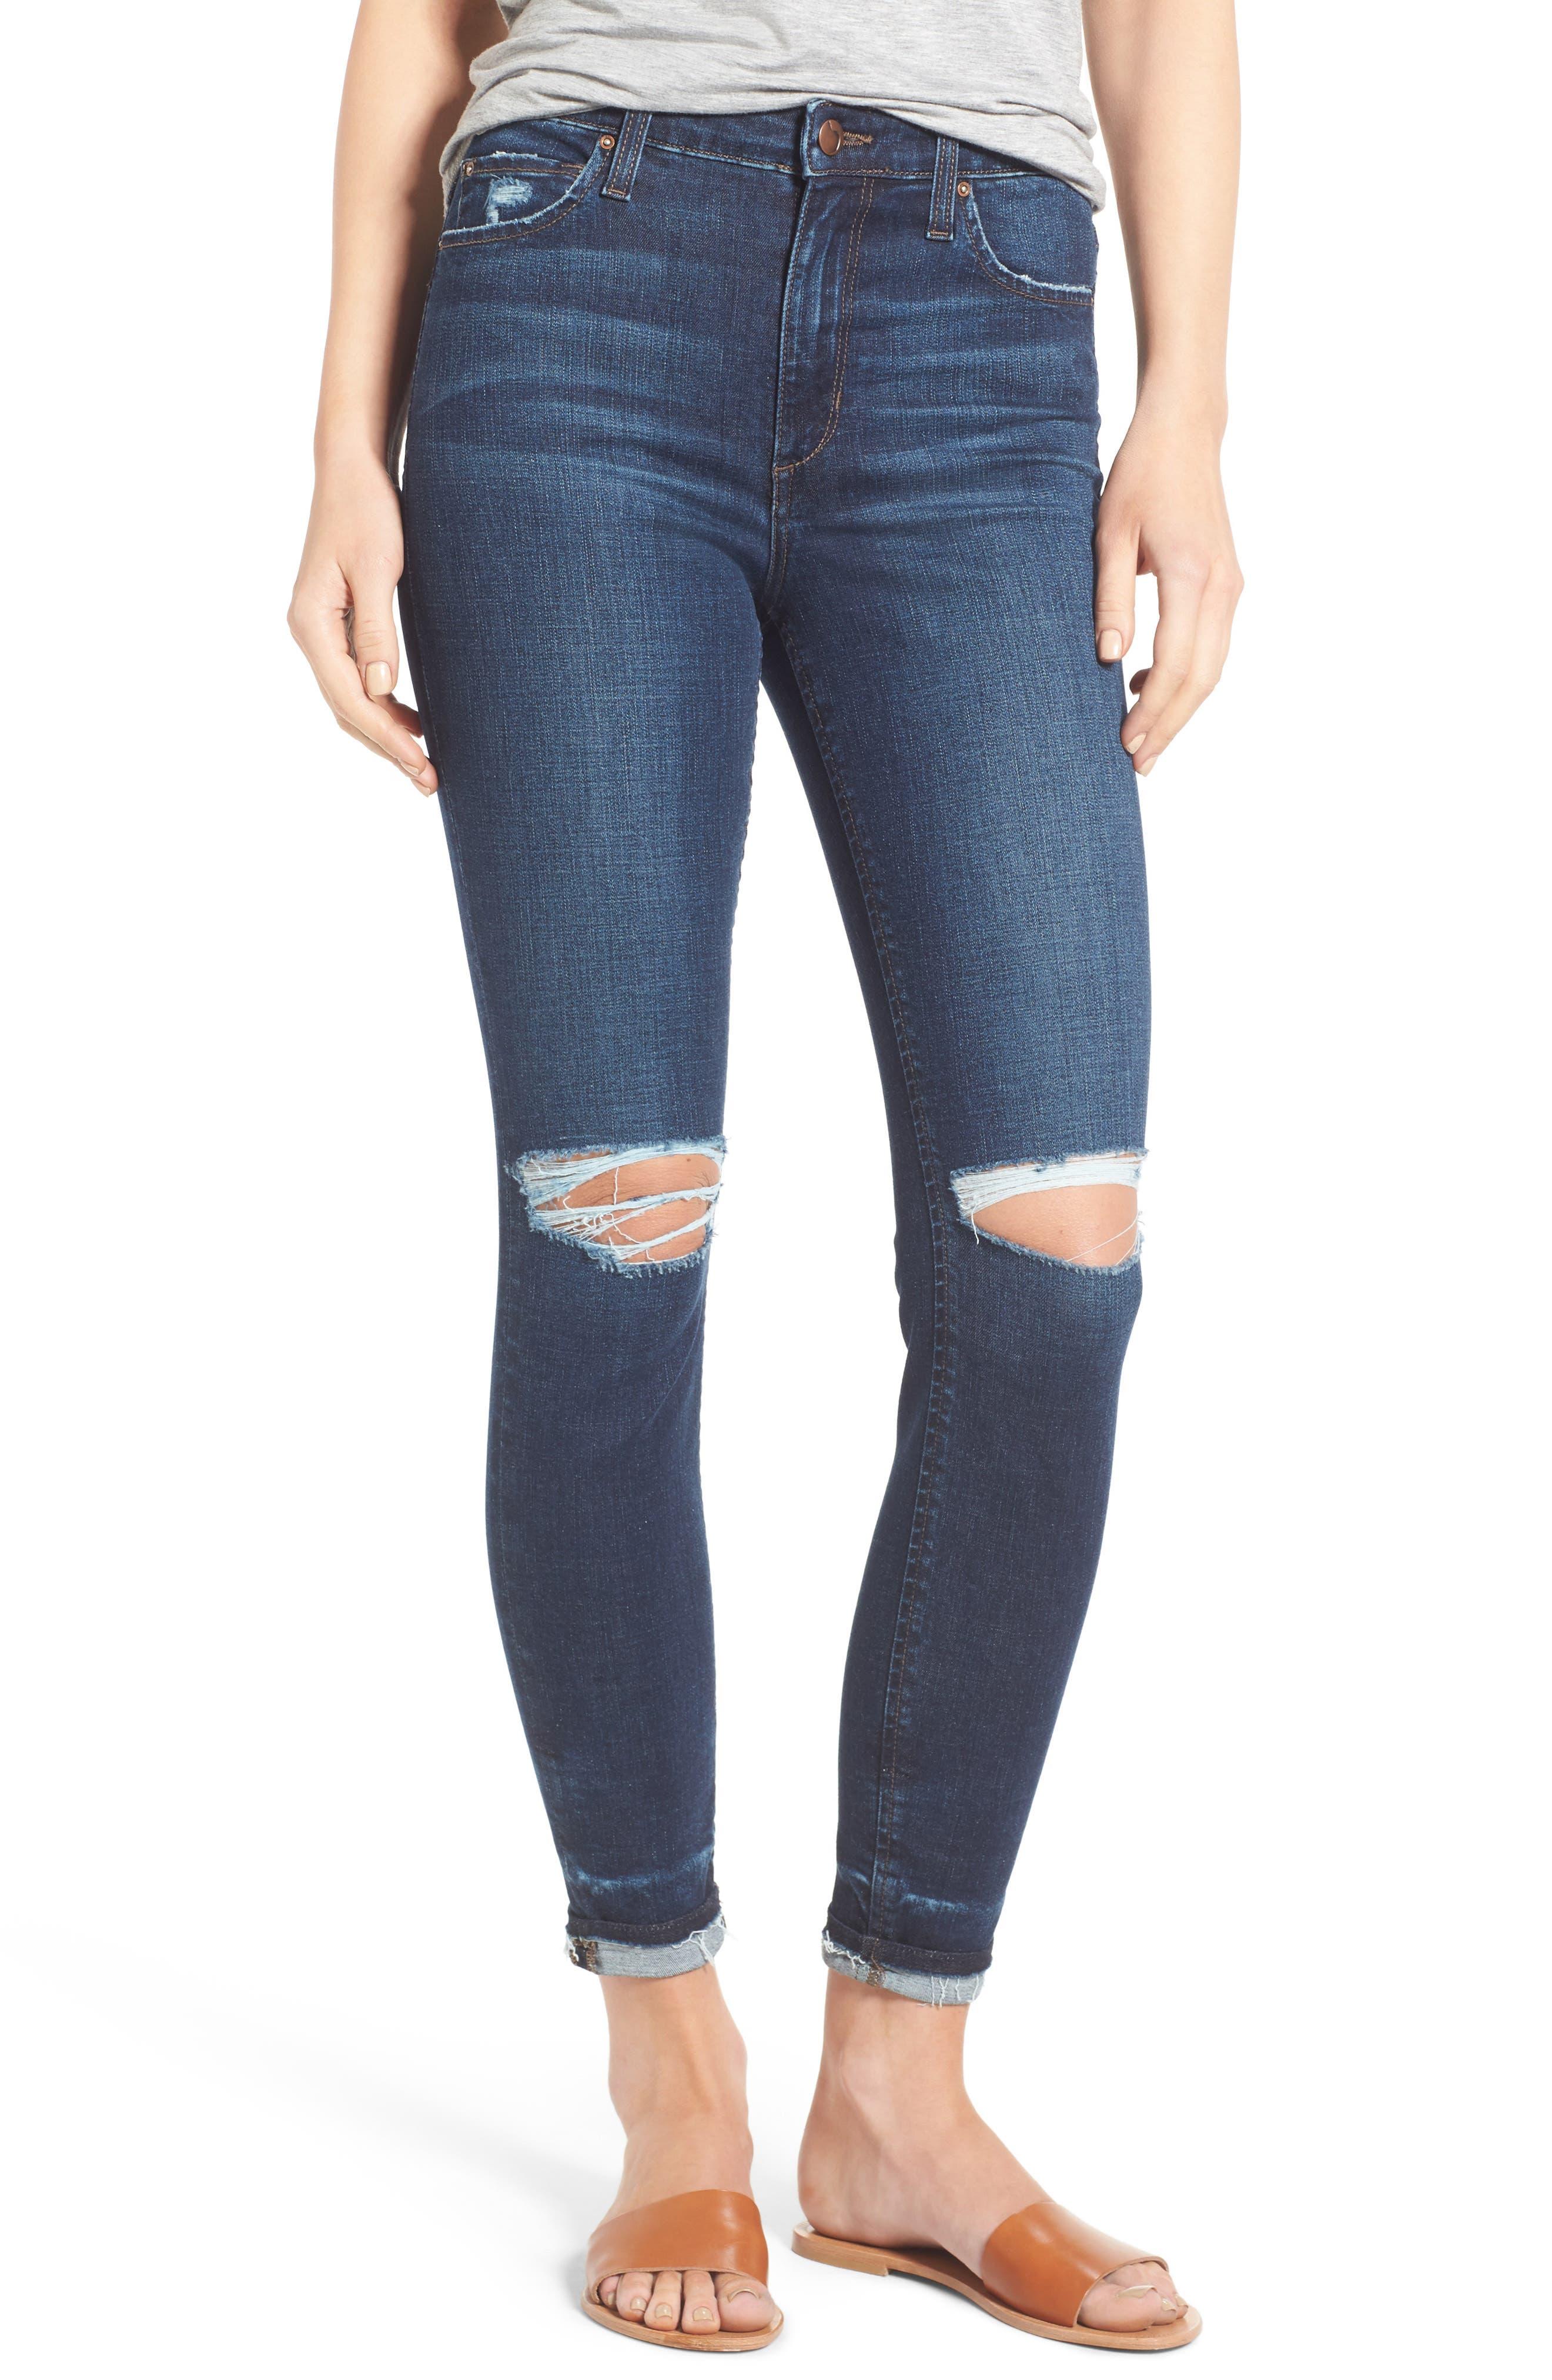 Main Image - Joe's Flawless - Charlie Markie High Rise Crop Skinny Jeans (Kennide)